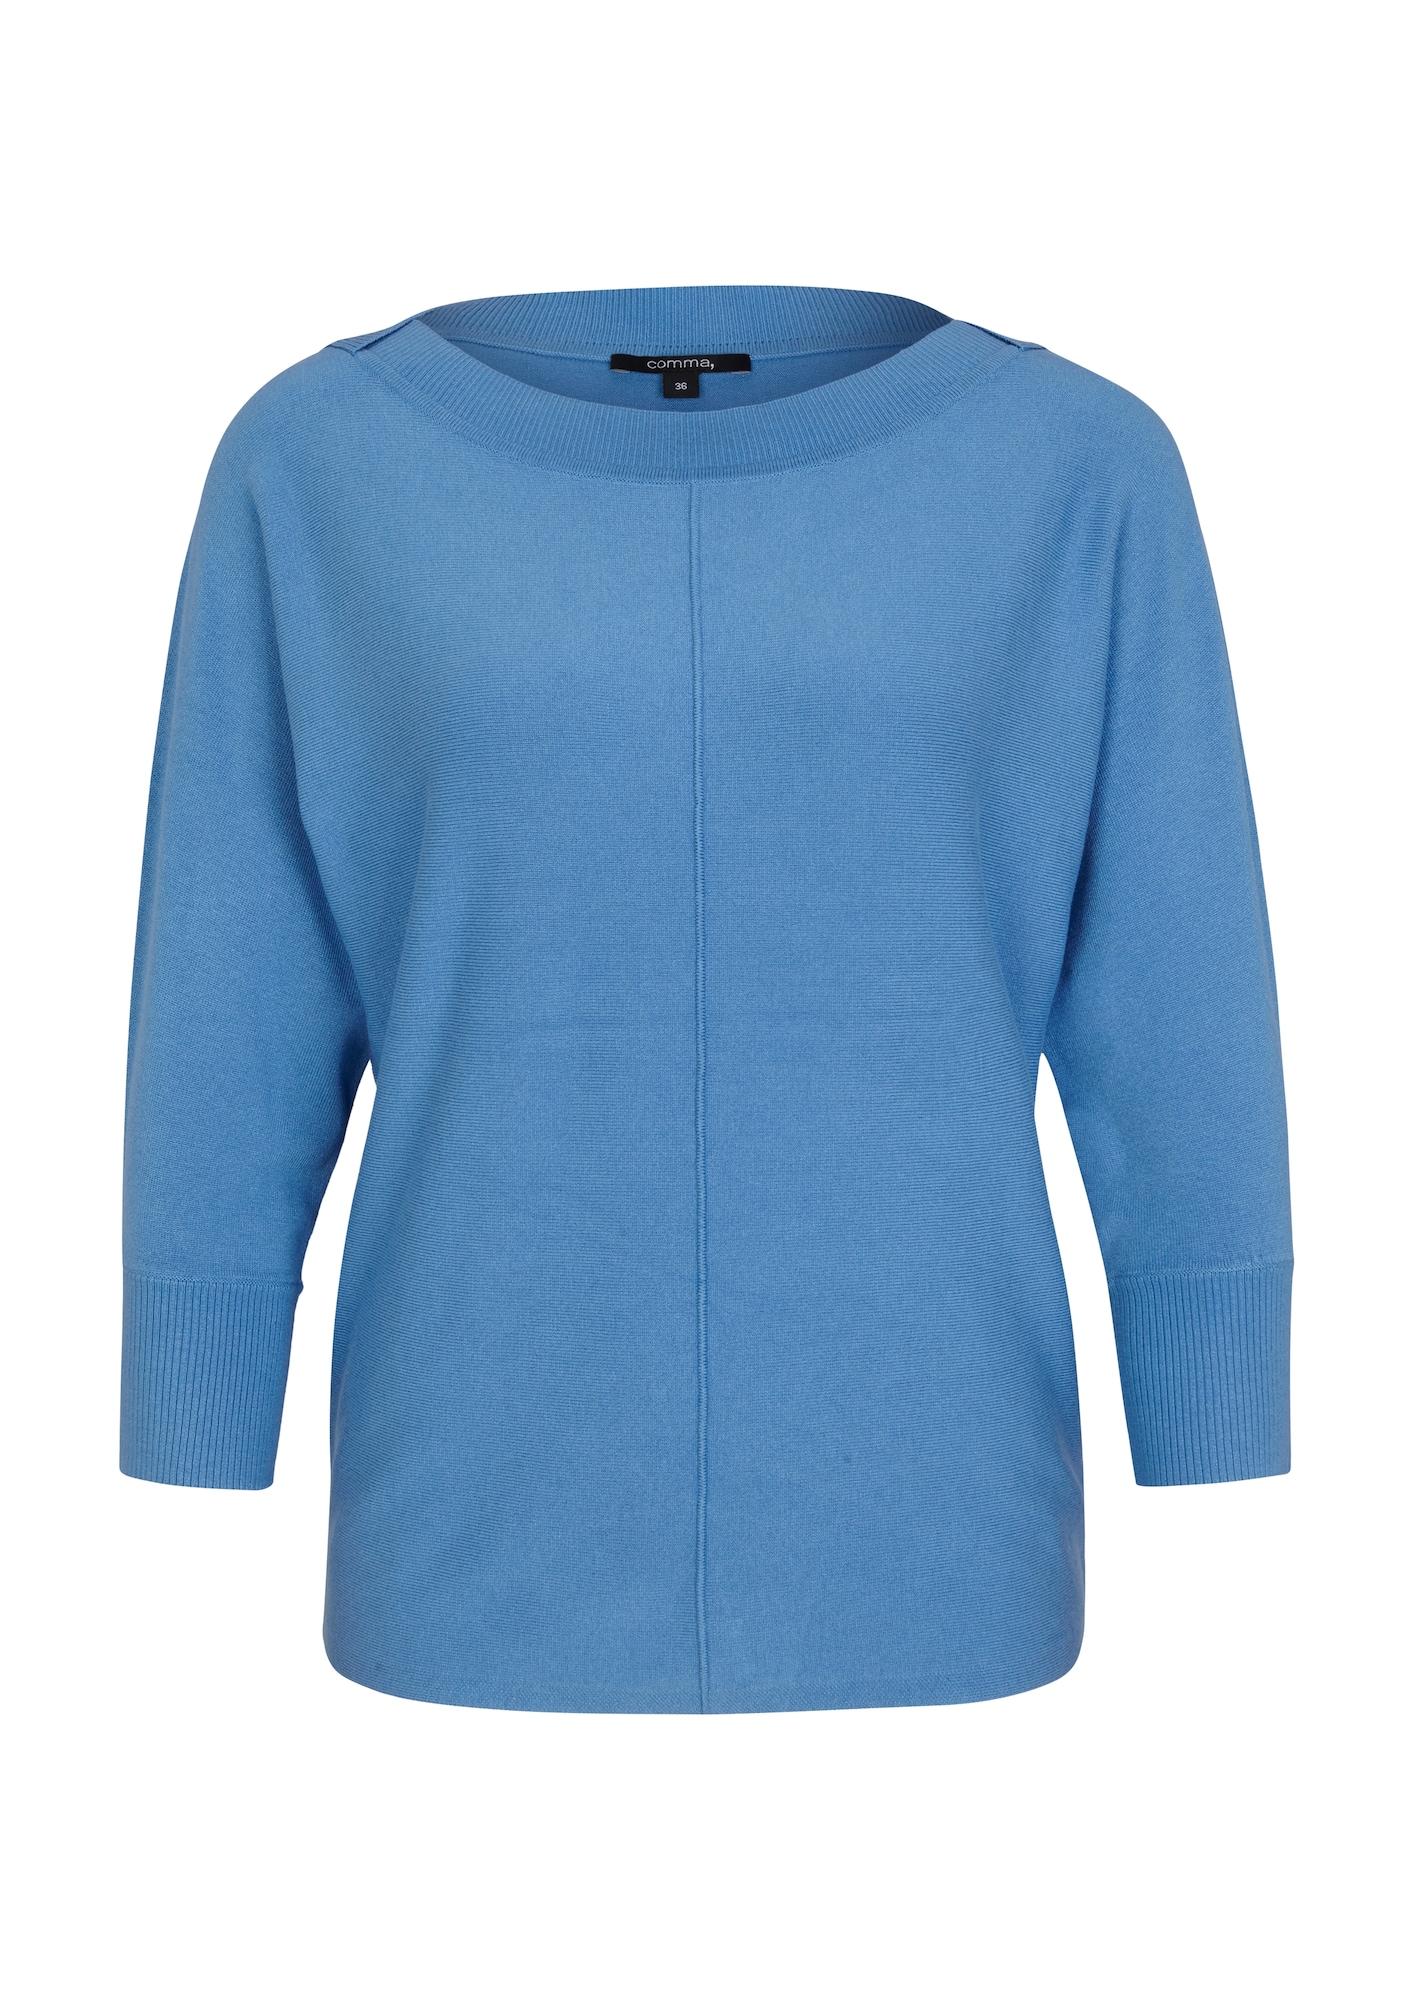 COMMA Megztinis mėlyna